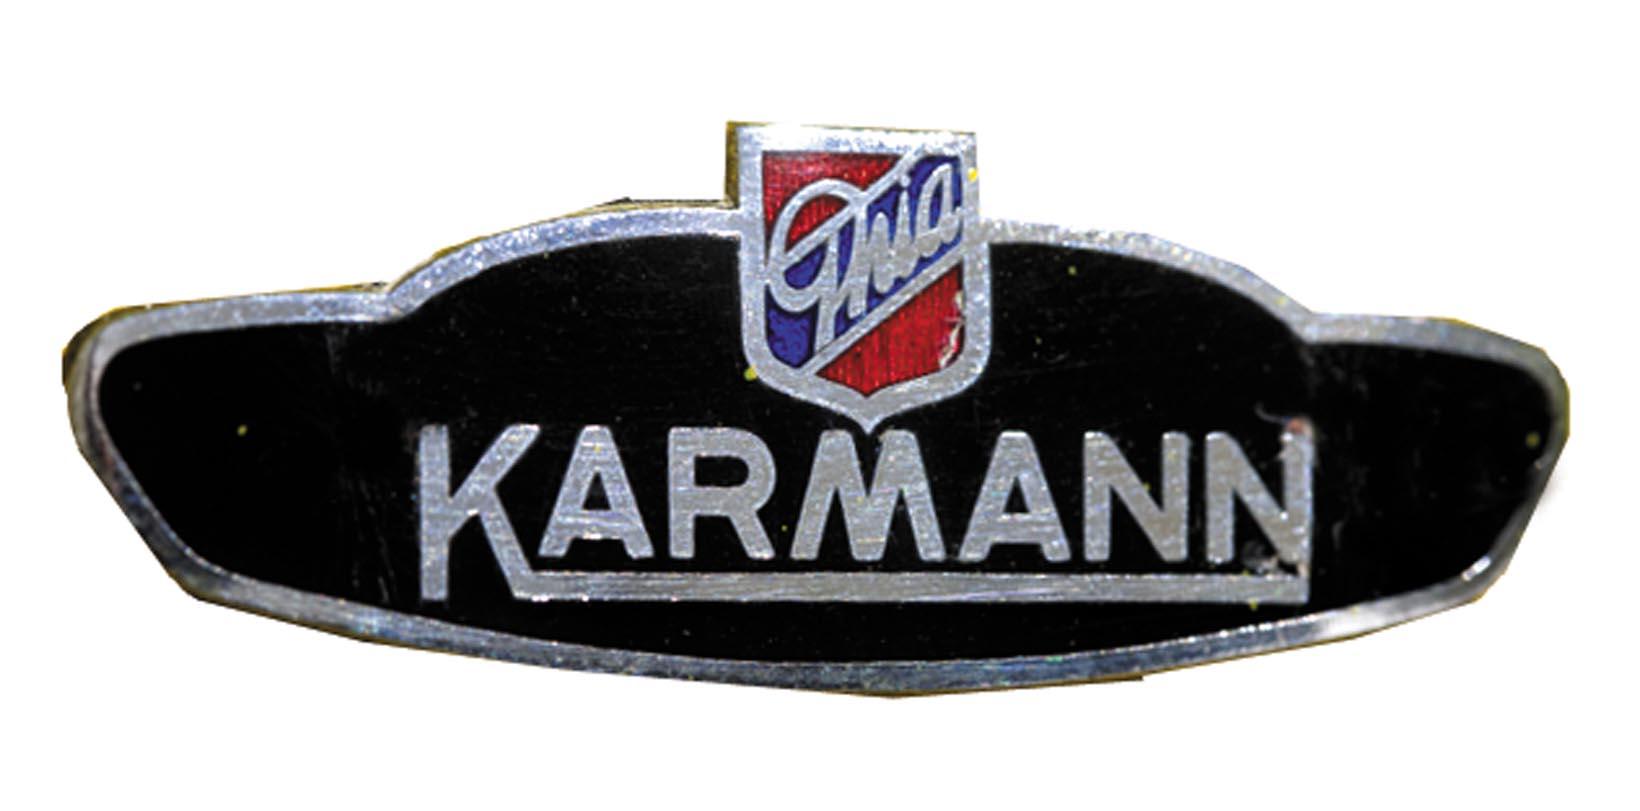 1957-VW-Karmann-Ghia-Corvair-Top-Ghia-222-01.jpg